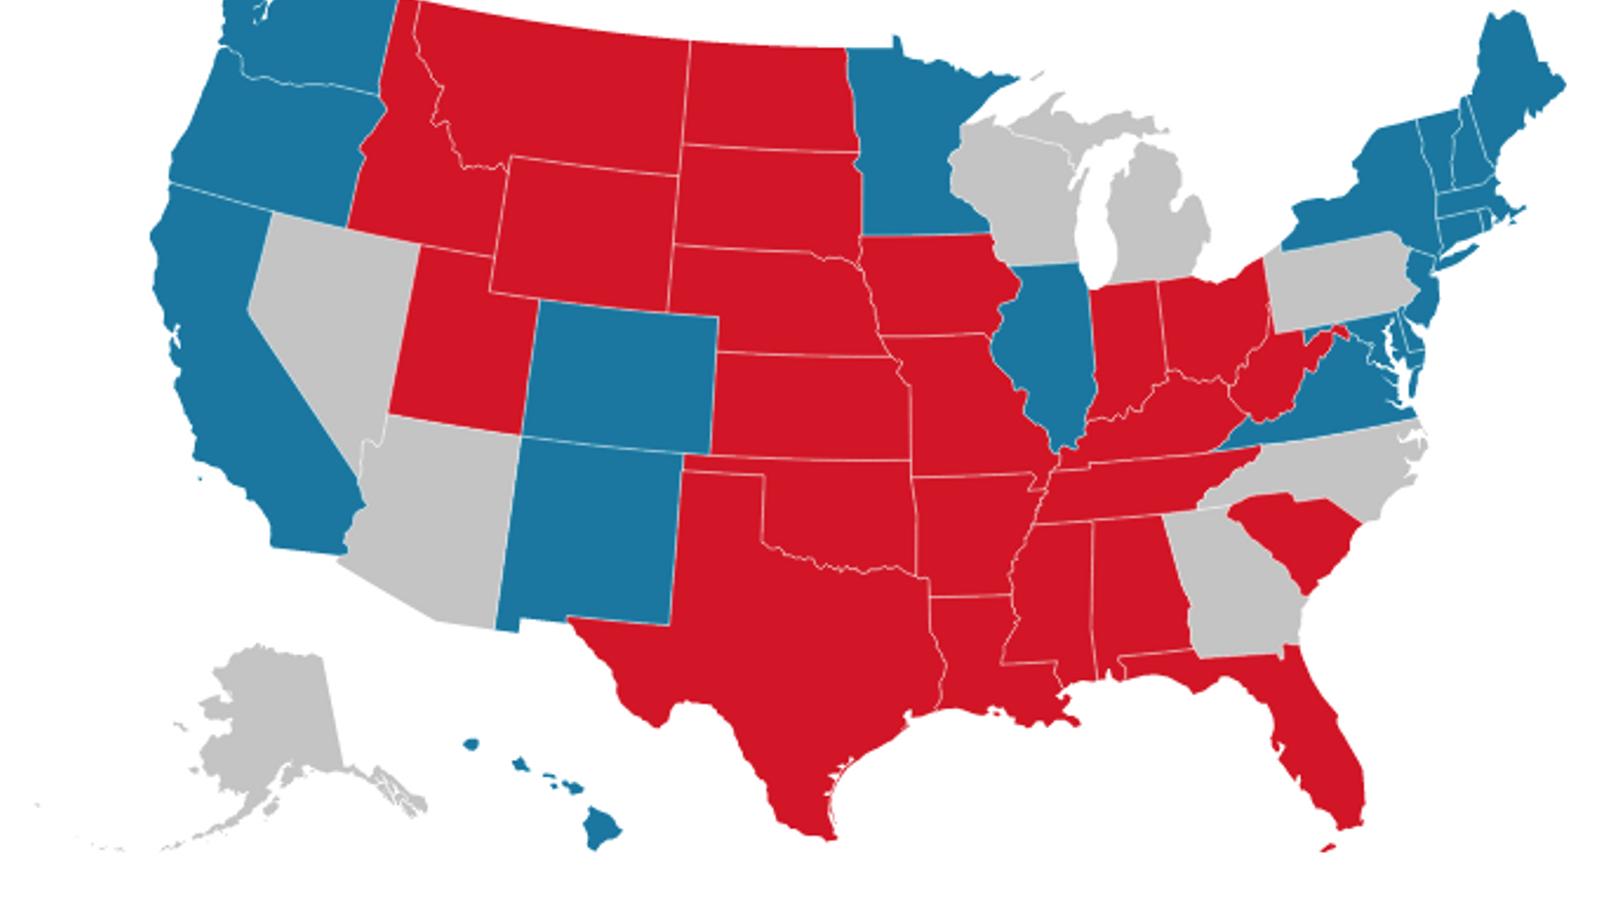 Un largo recuento: de qué estados tenemos que estar pendientes